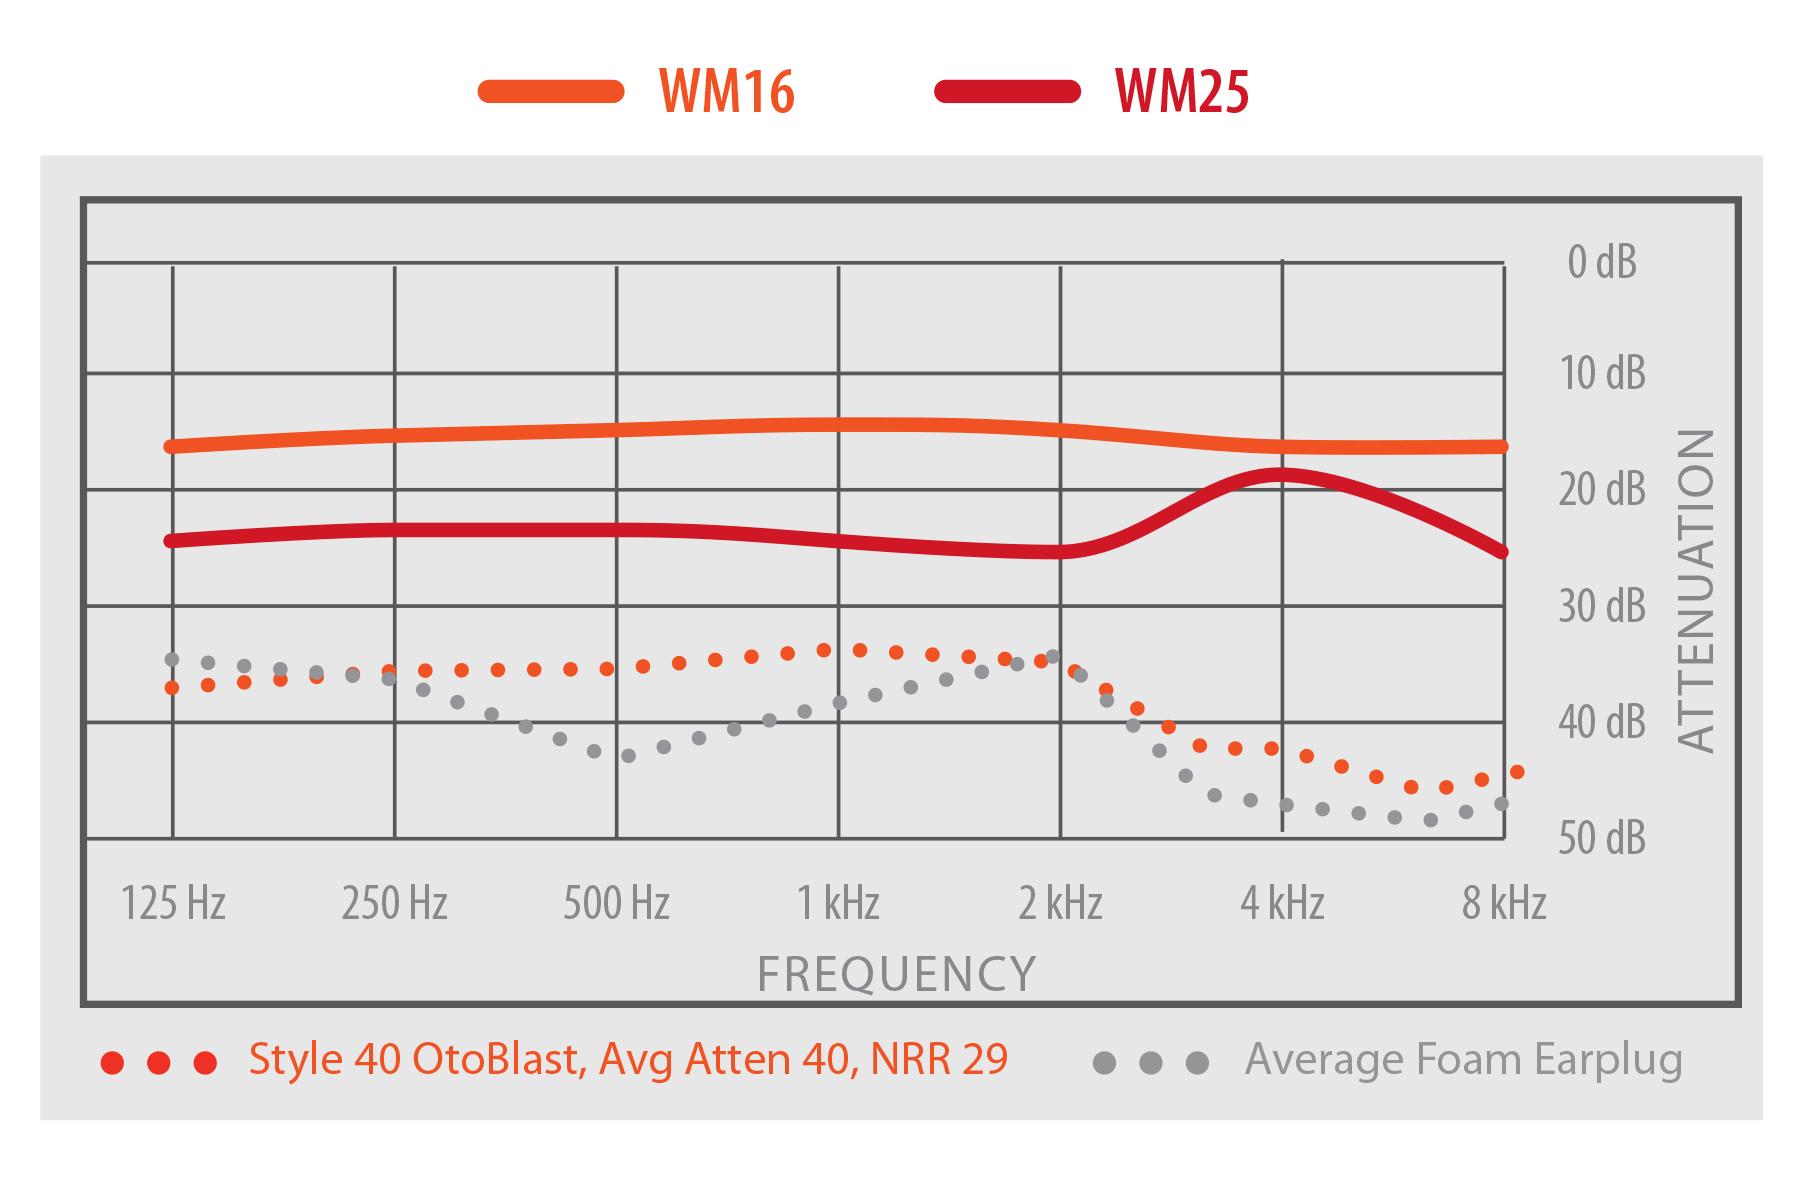 TRU Universal WM25 NRR Chart